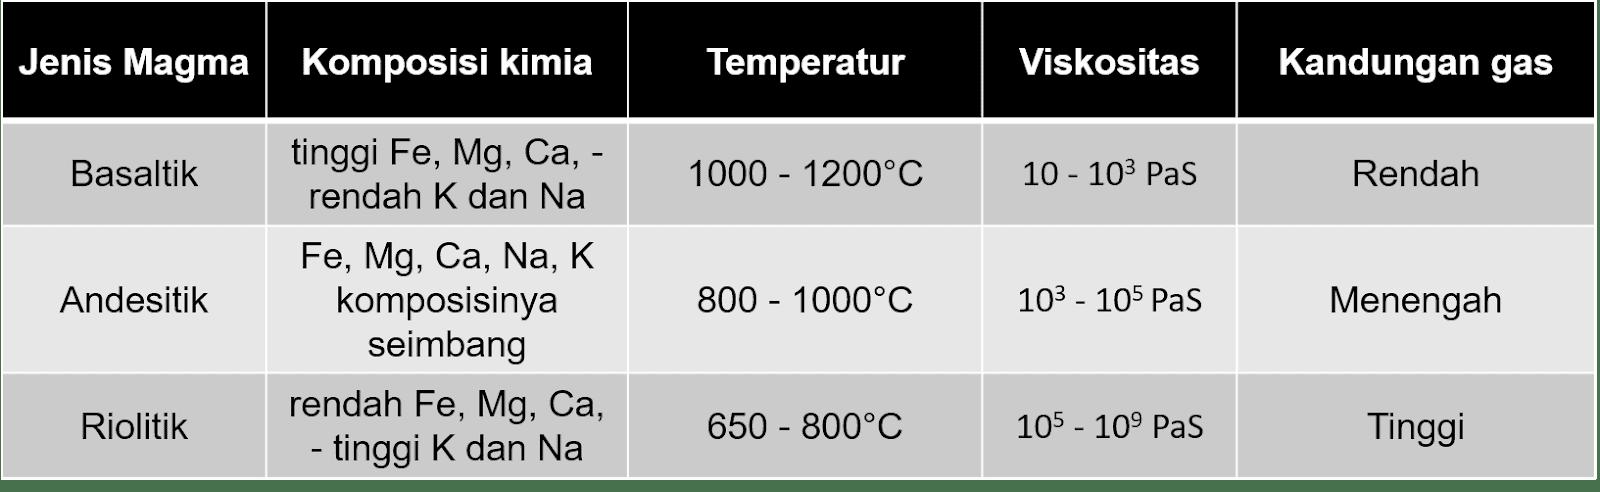 Diagram Magma - Jenis, Komposisi, Temperatur, Viskositas, Kandungan Gas